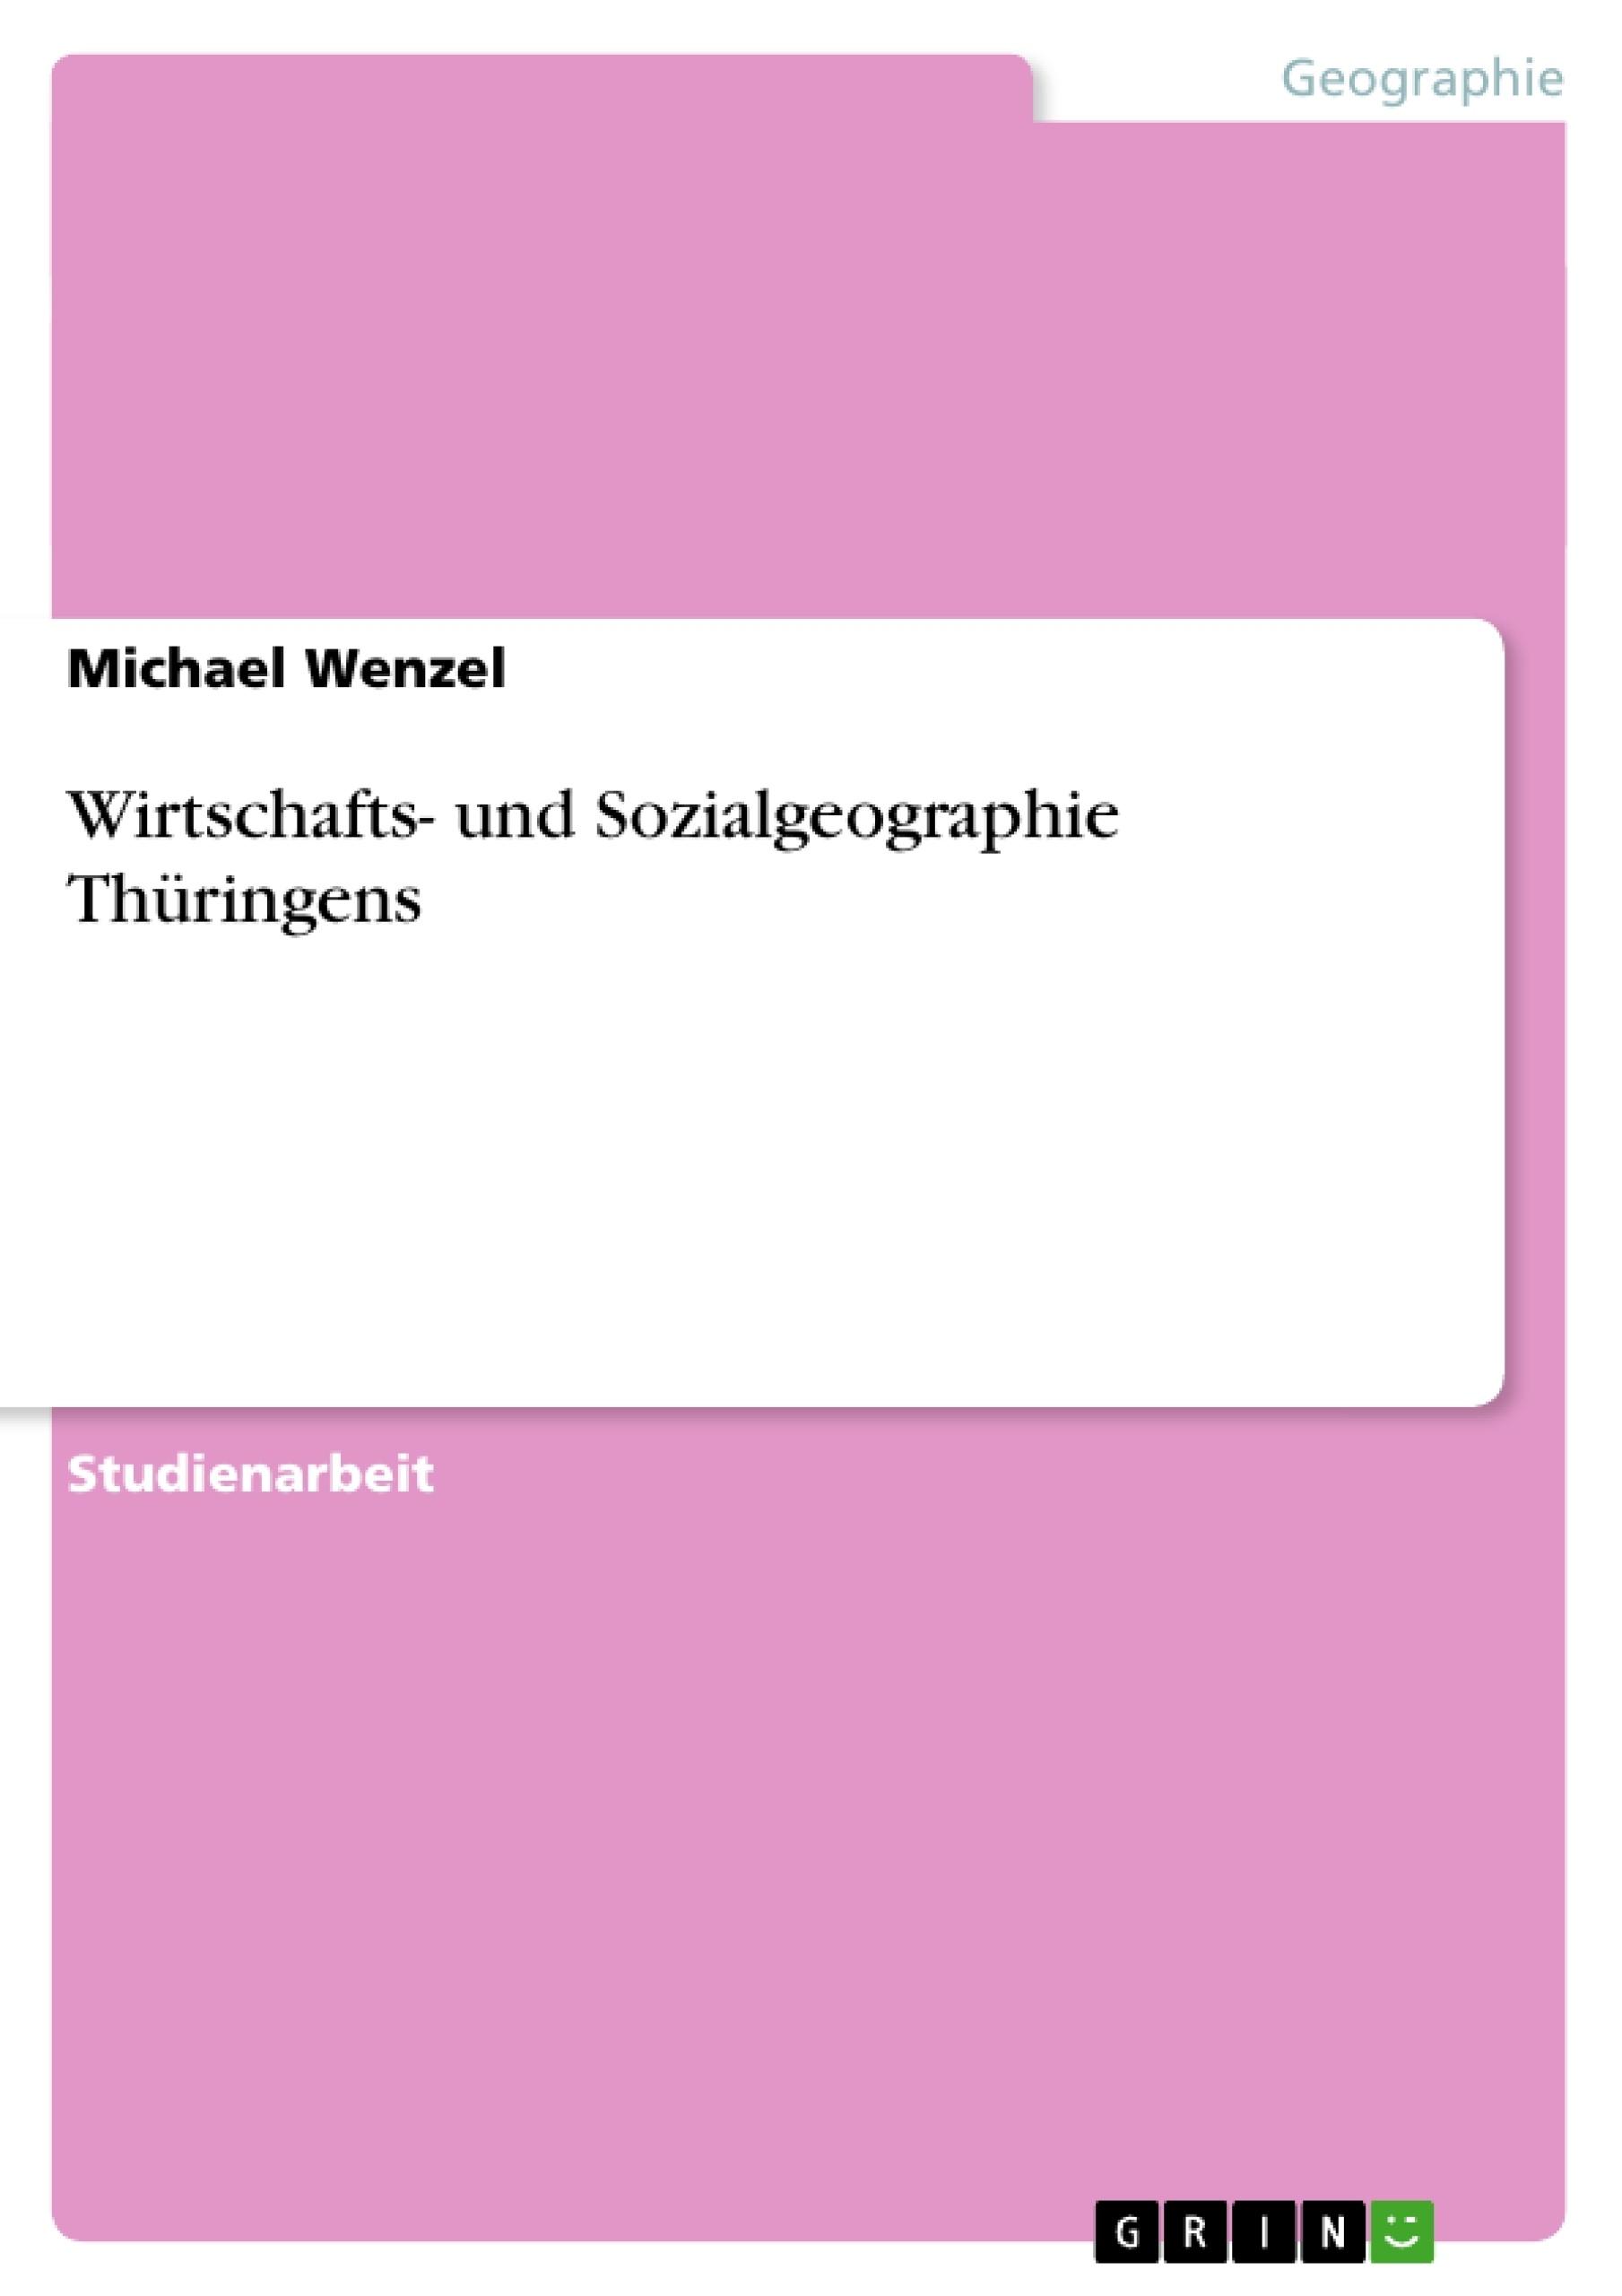 Titel: Wirtschafts- und Sozialgeographie Thüringens